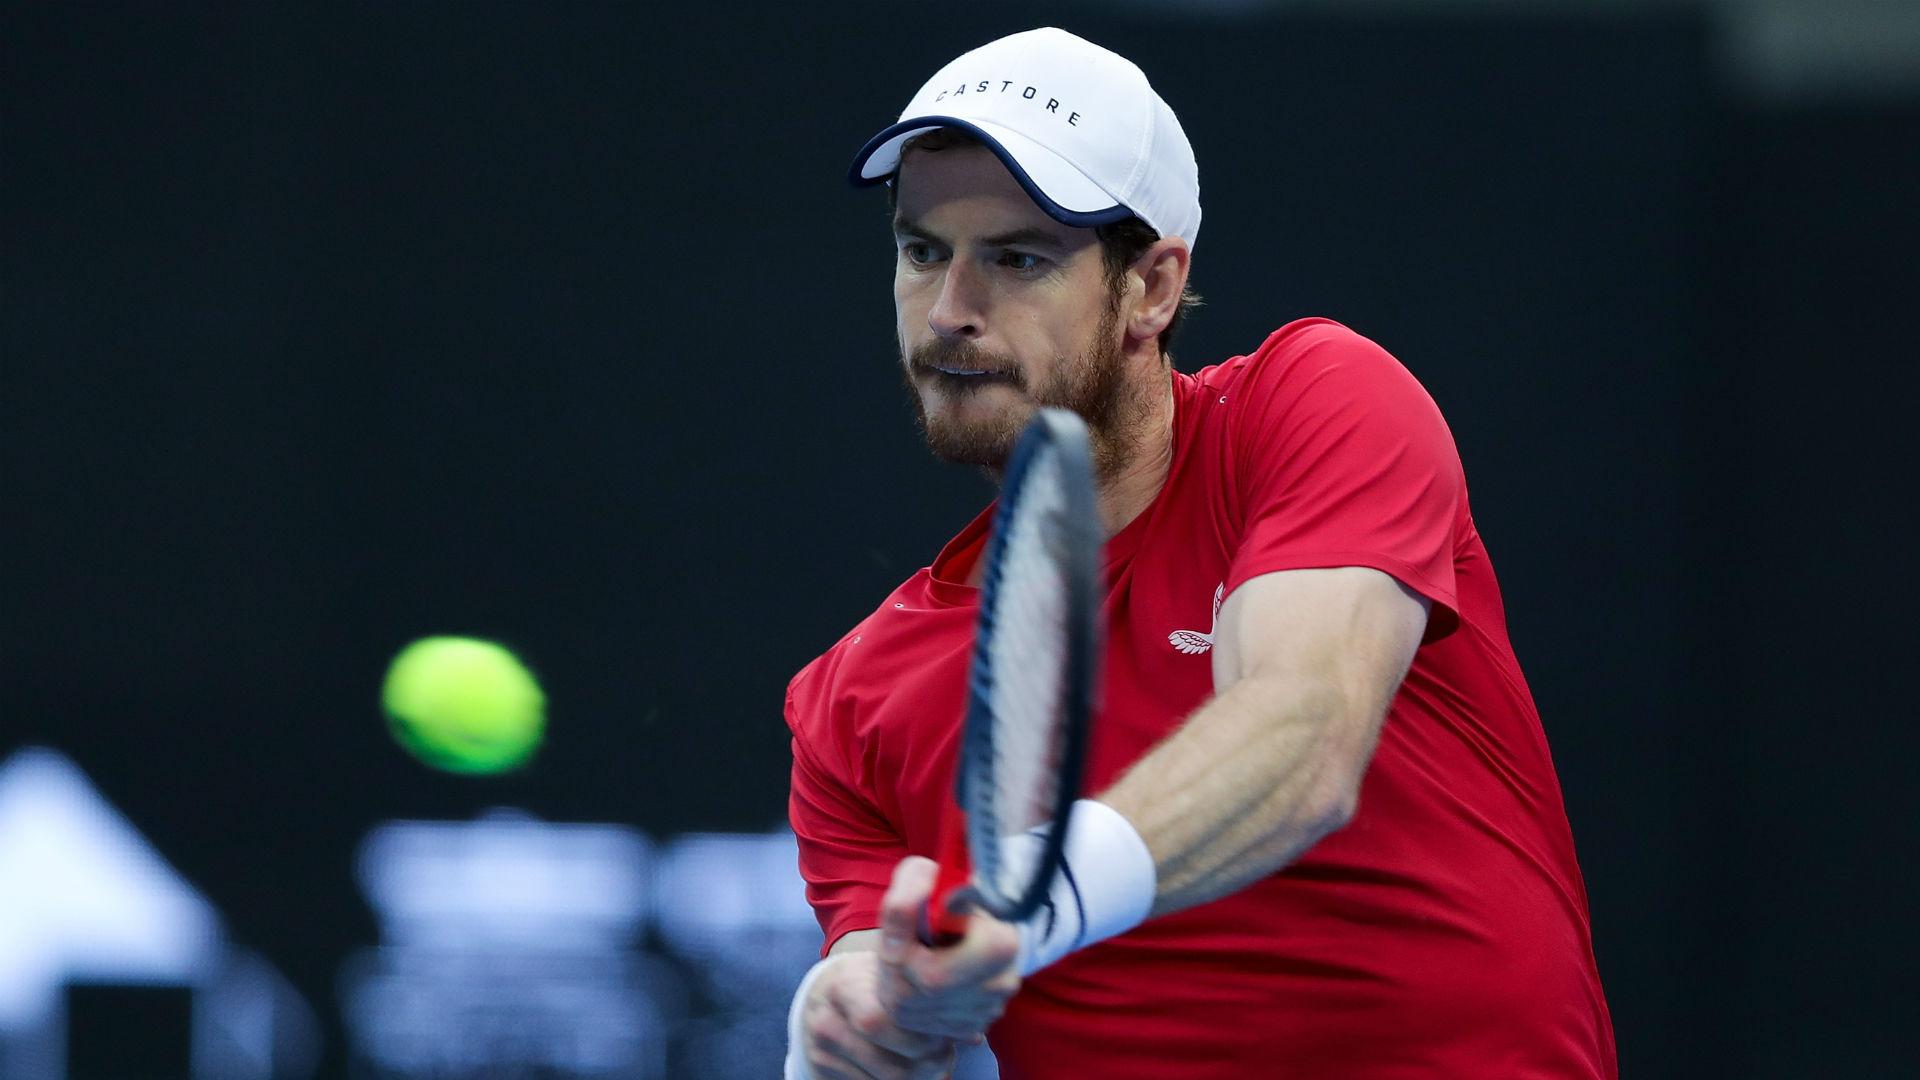 Murray relishing reunion with Wawrinka in Antwerp final